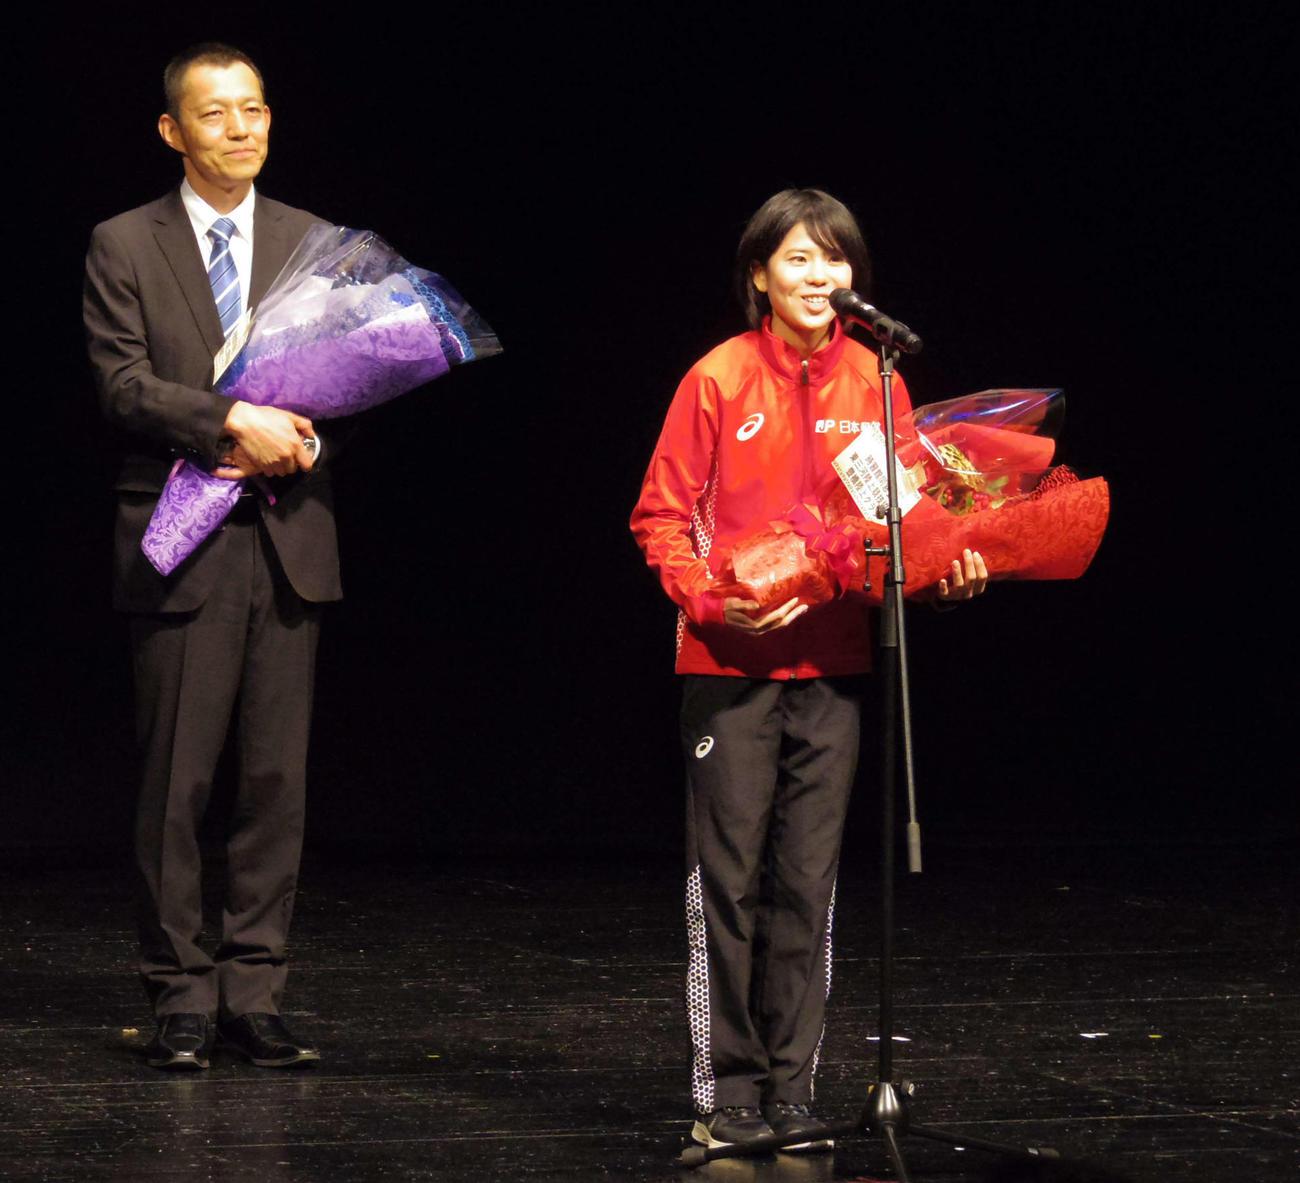 出身地の愛知県豊橋市で行われた壮行会で、スピーチを行う東京五輪マラソン女子日本代表の鈴木(右)(撮影・奥岡幹浩)